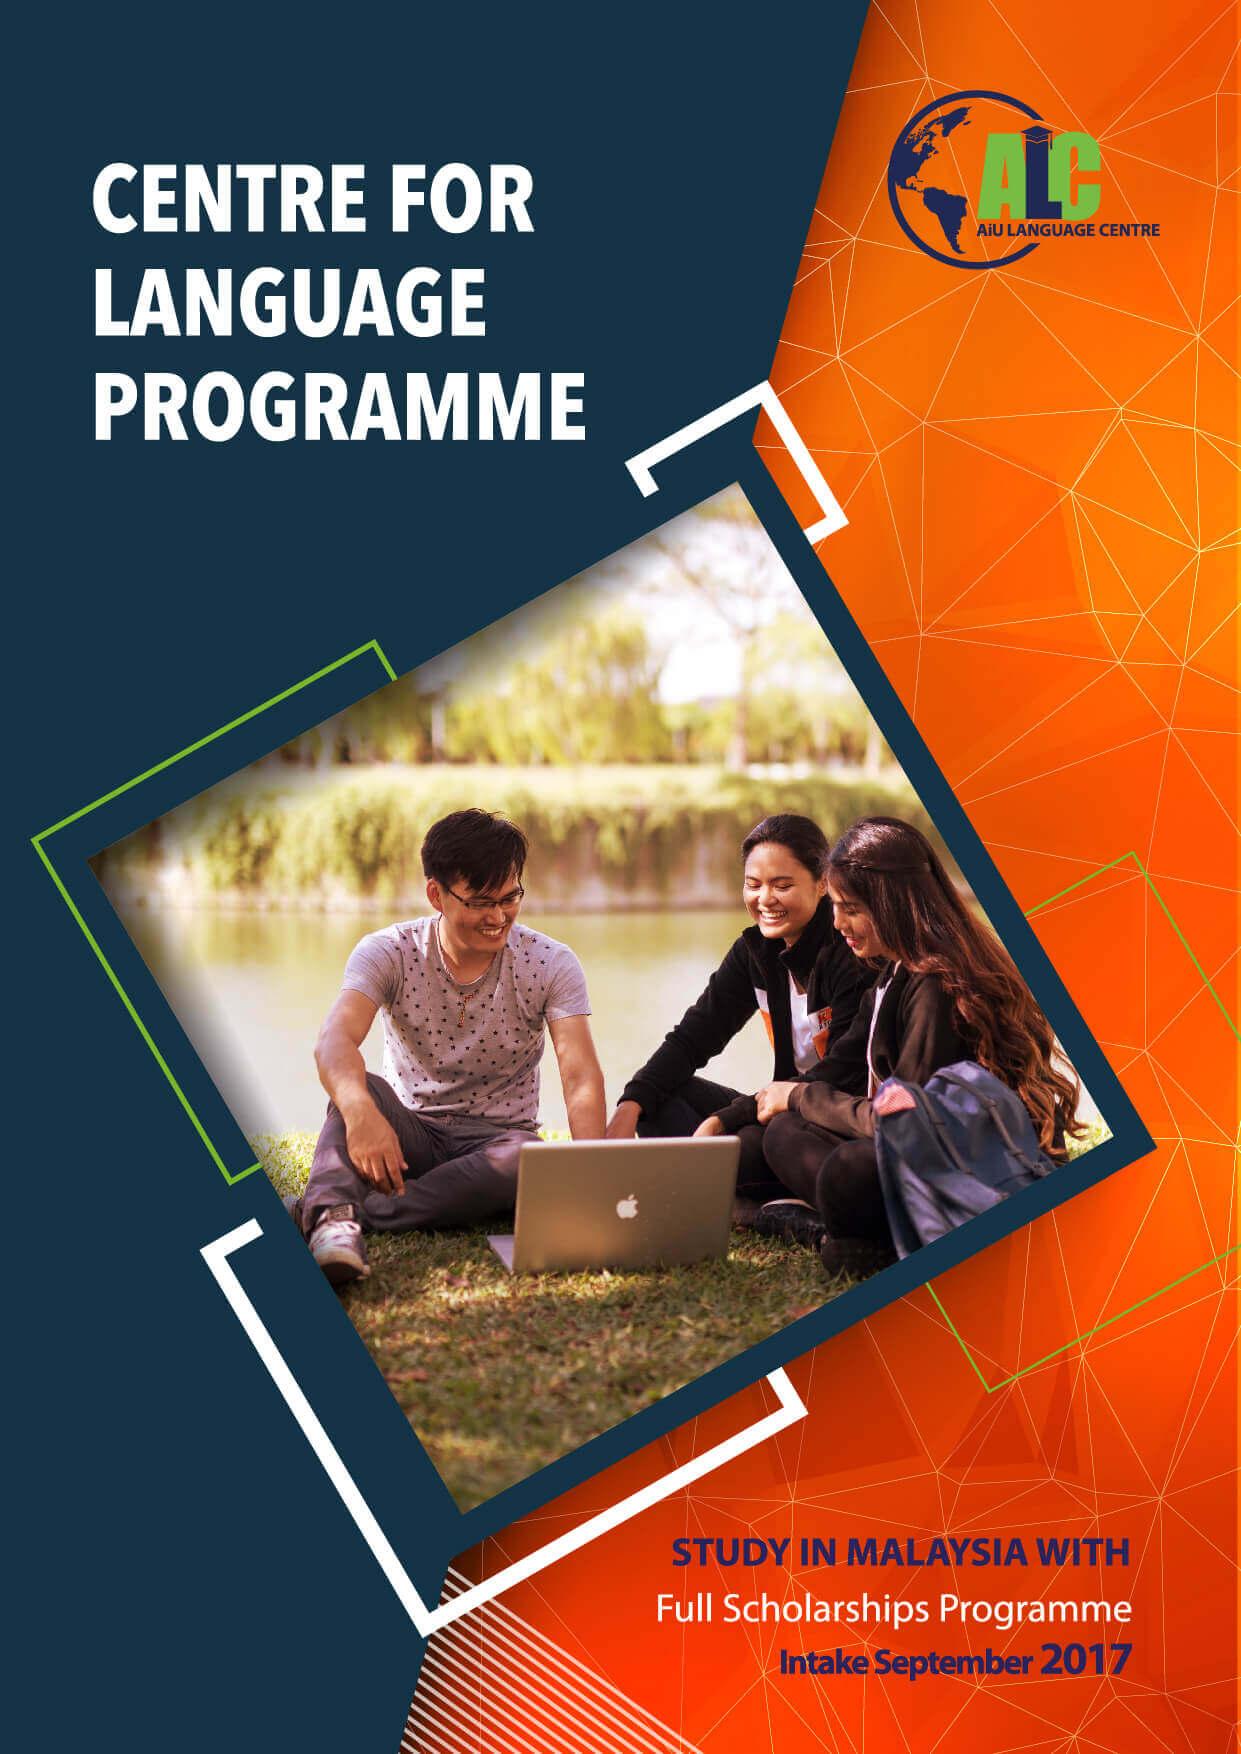 منحة كاملة لدراسة اللغة الانجليزية في جامعة البخاري - ماليزيا